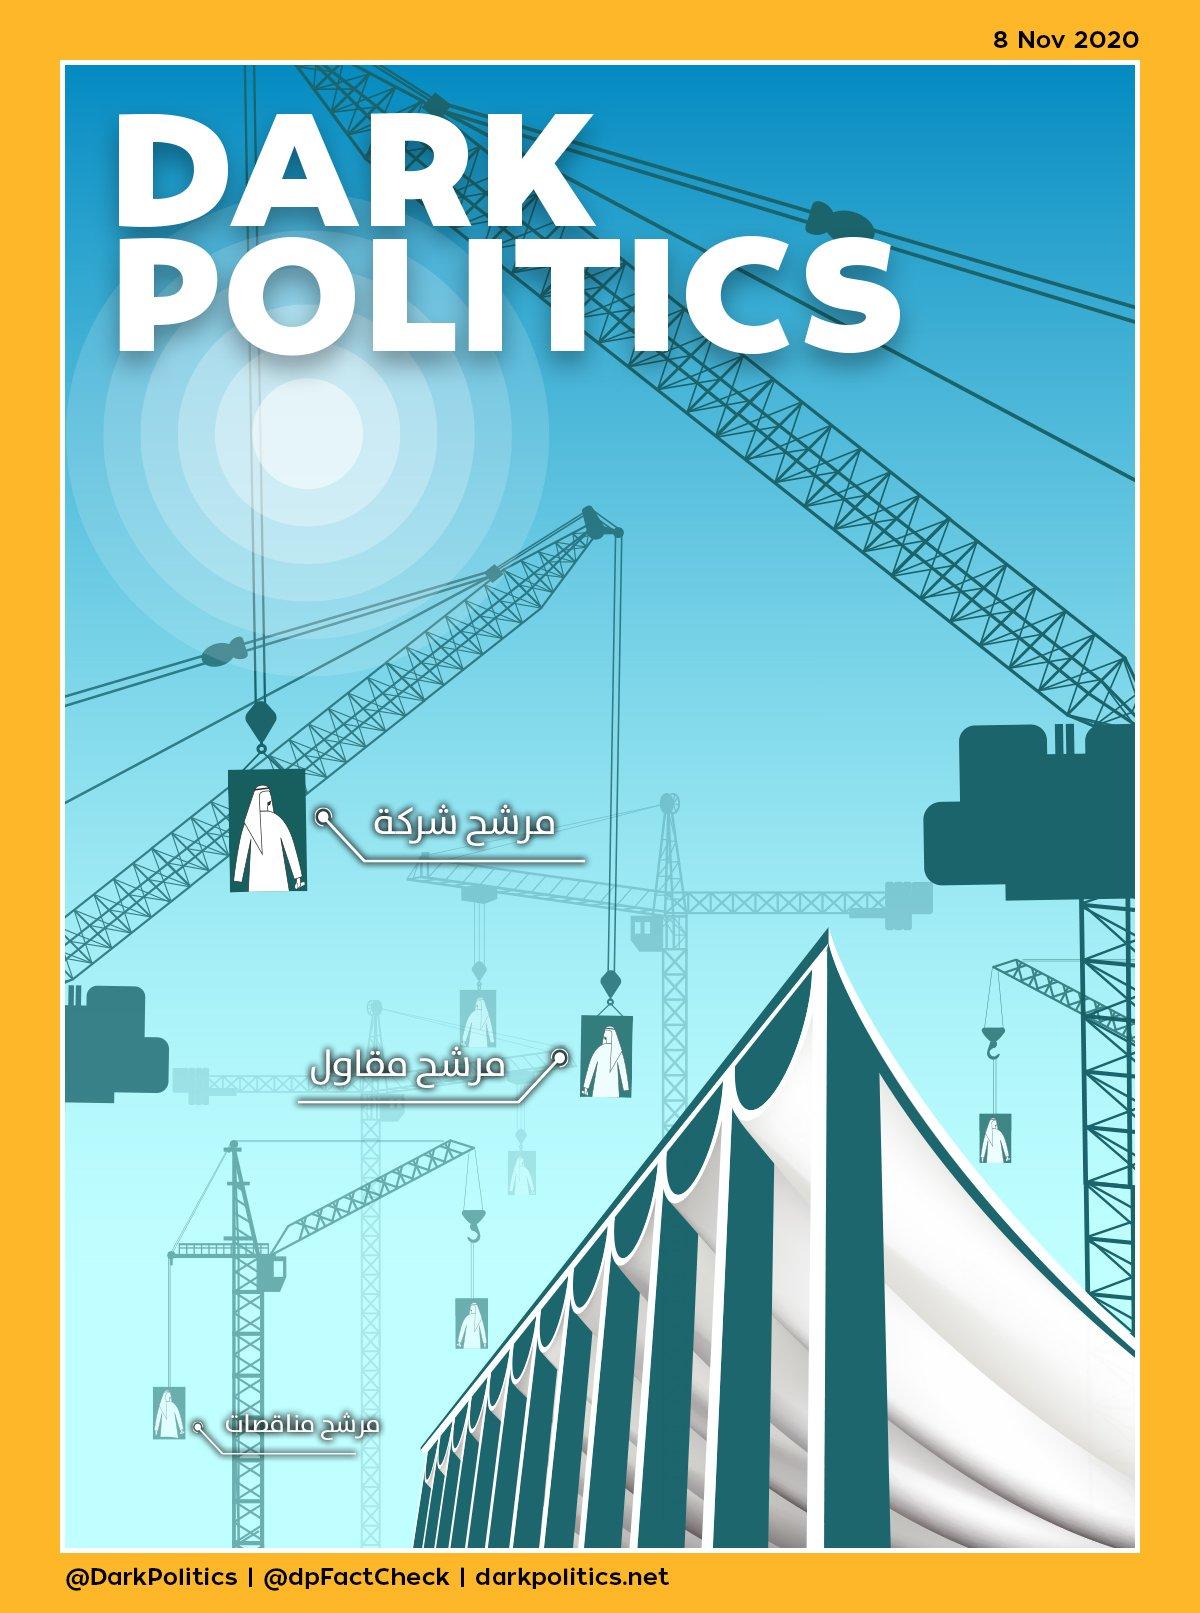 غلاف نوفمبر 2020